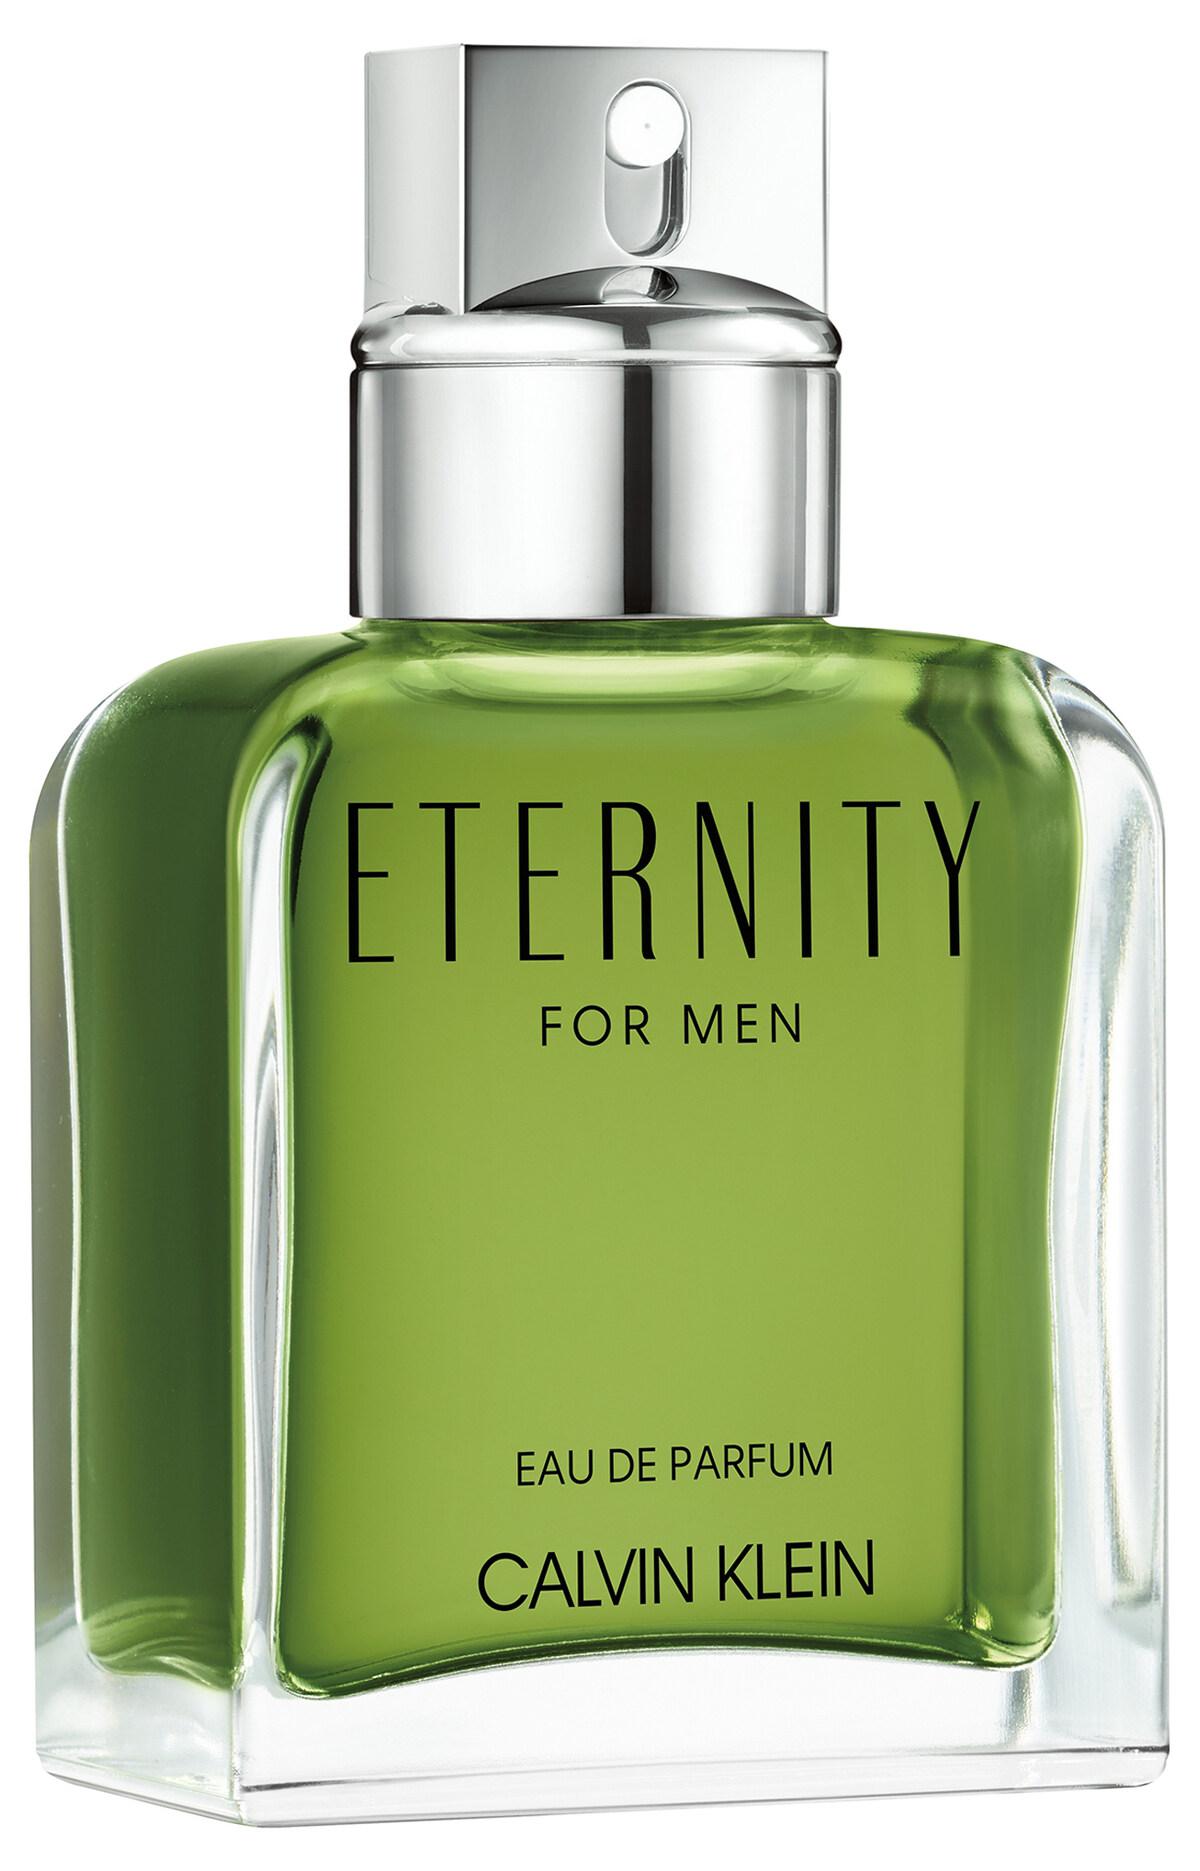 Calvin Klein Eternity For Men Eau De Parfum Duftbeschreibung